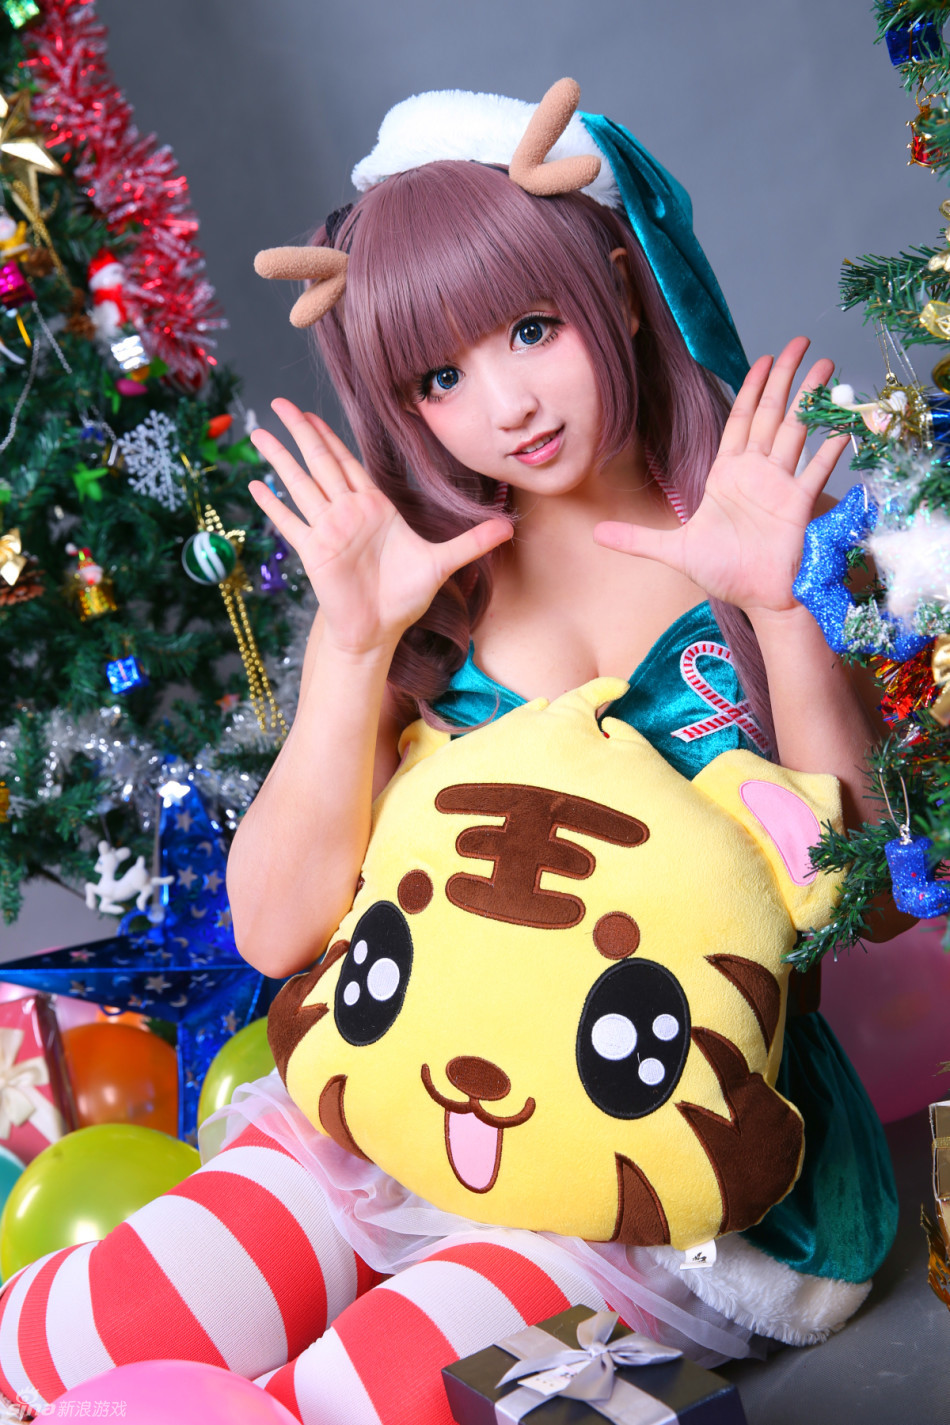 看游戏美女主播真人芭比夏川爱圣诞节萌系写真